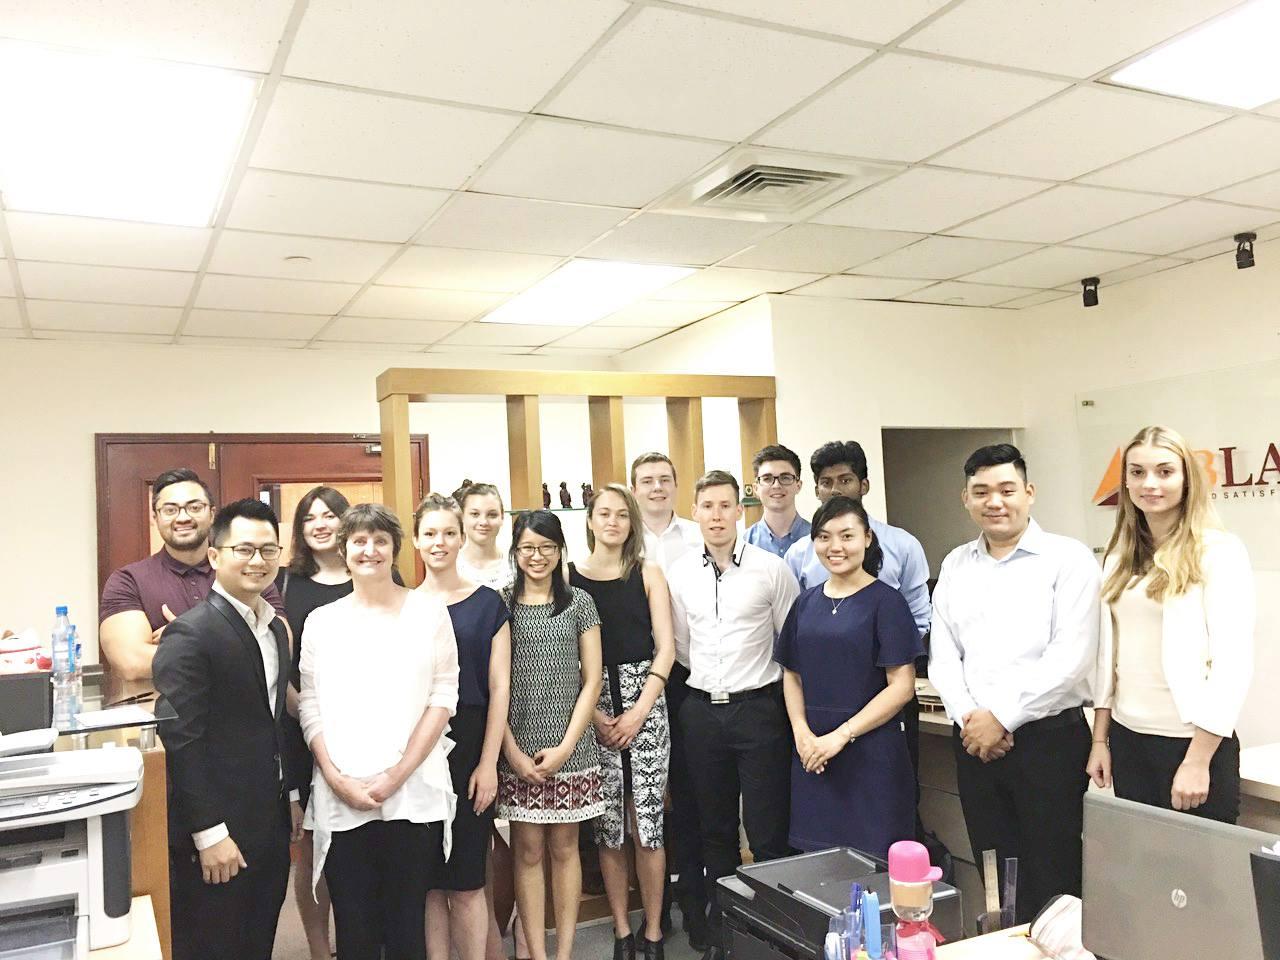 Luật sư Nguyễn Tiến Hoà tiếp và làm việc cùng đại diện khoa Luật Đại học Waikato, New Zealand.